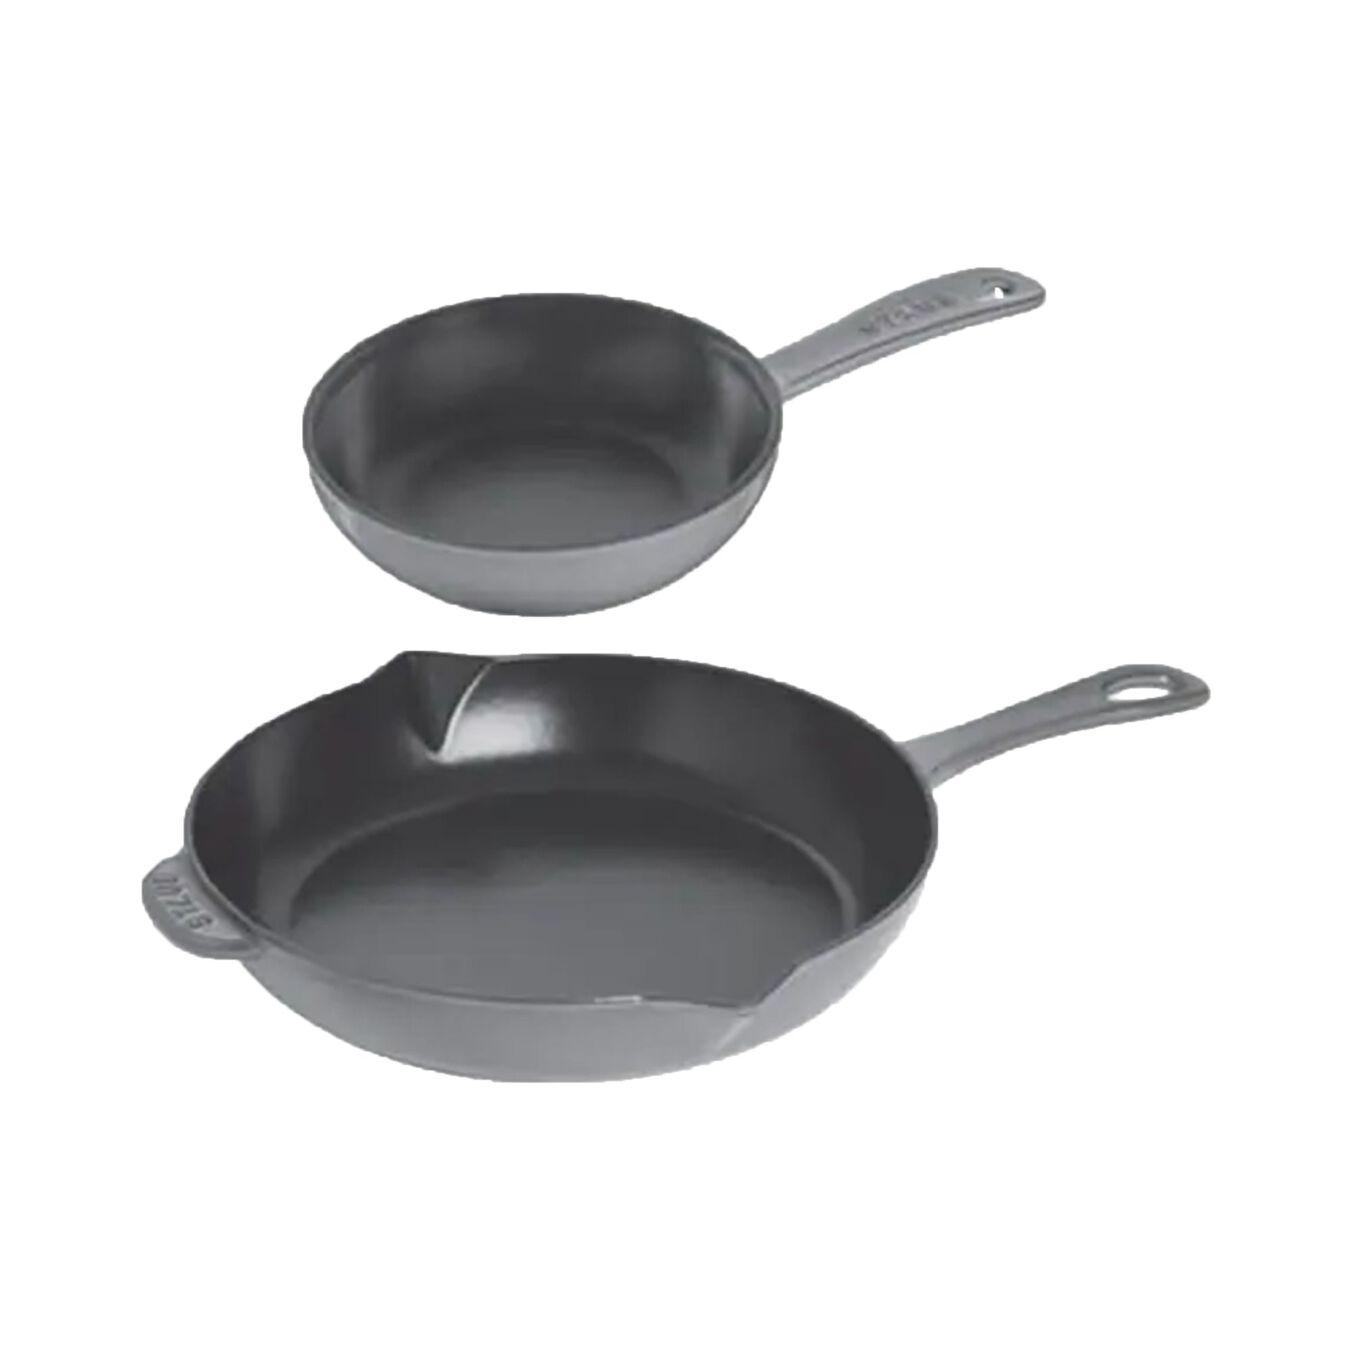 2 Piece 2 Piece Fry pan set,,large 1